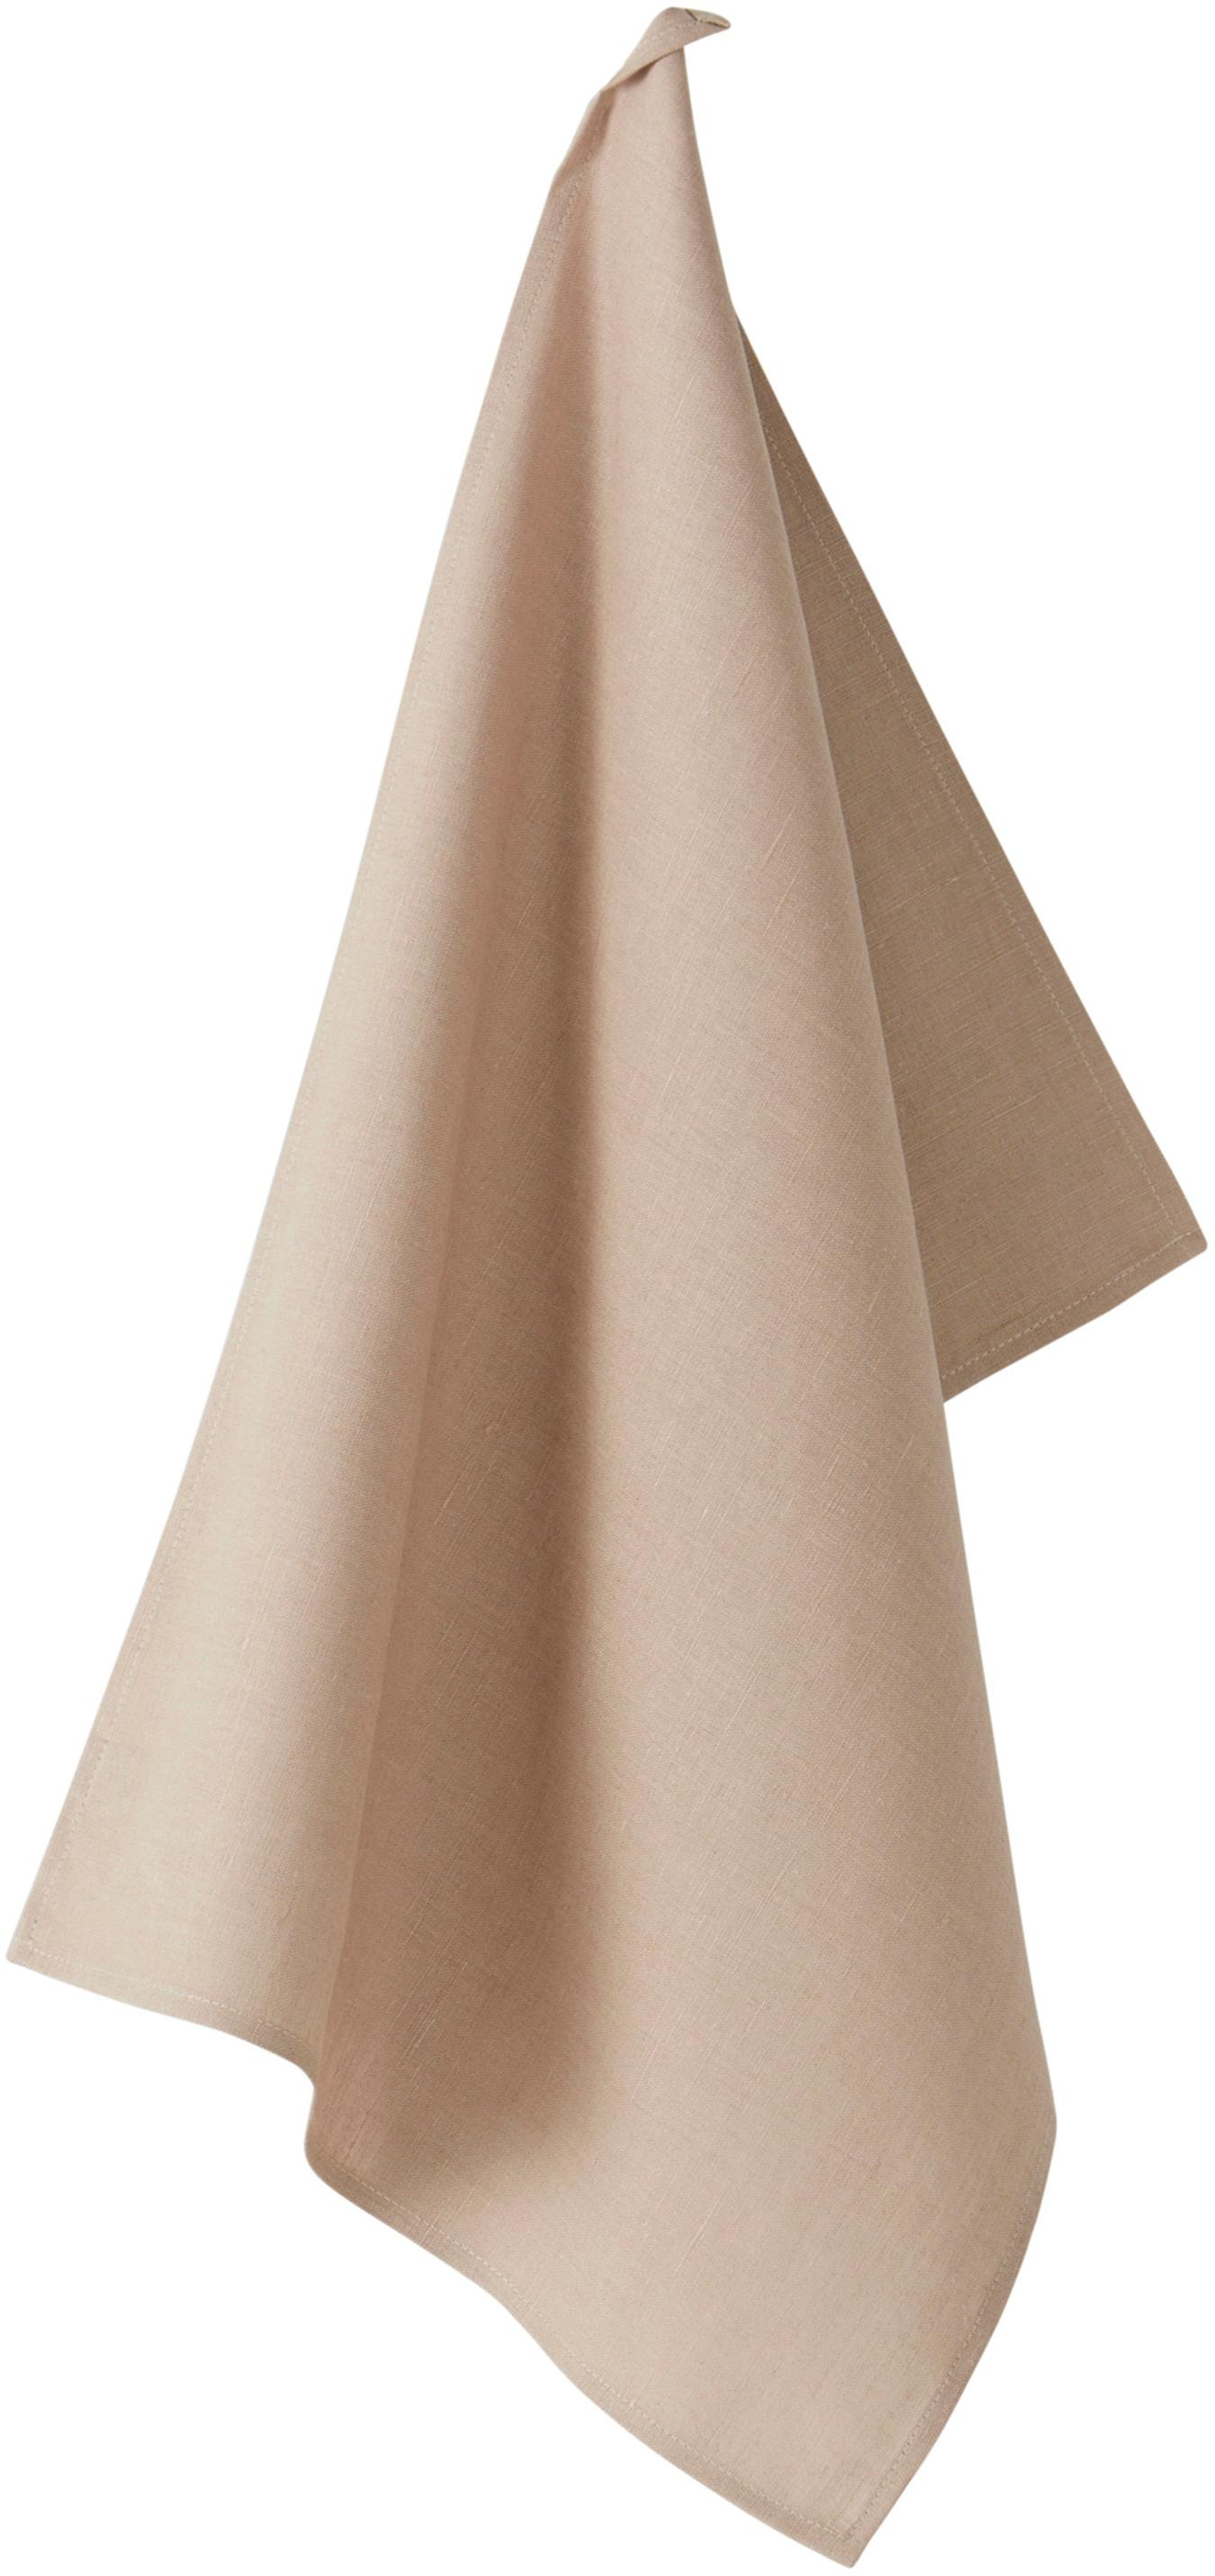 Linnen theedoek Hermia, 57% linnen, 43% katoen, Beige, 50 x 70 cm